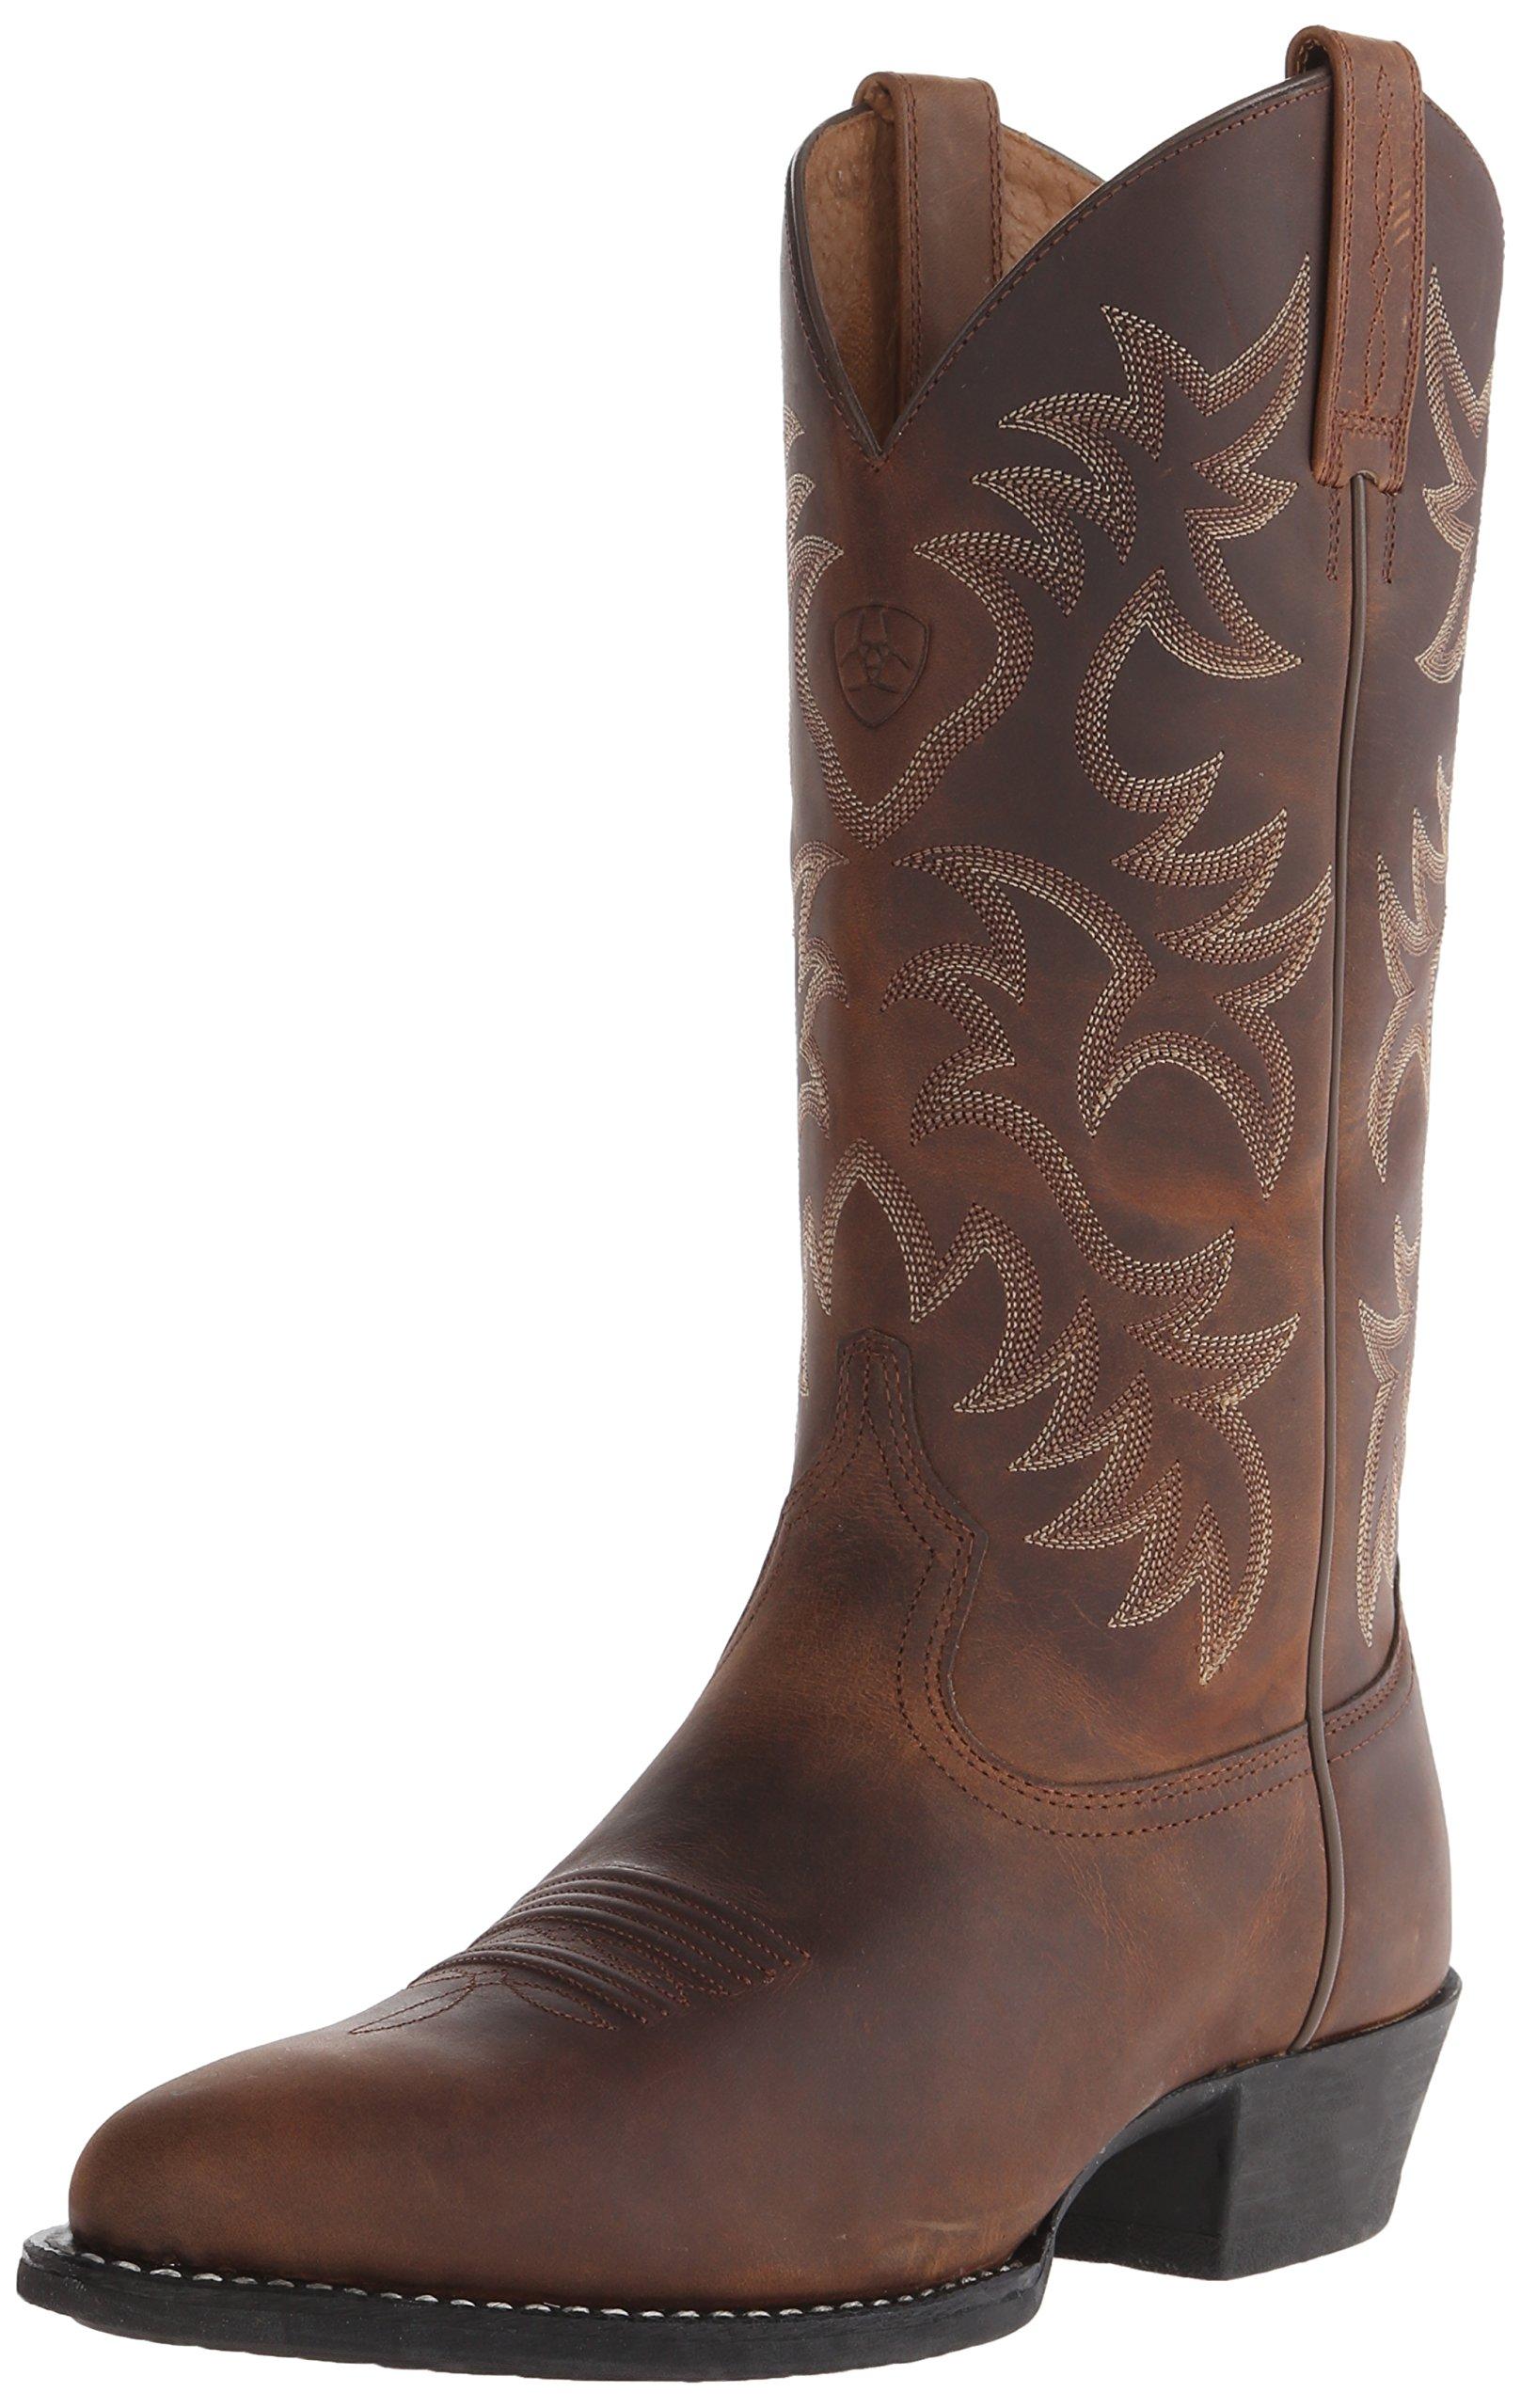 Ariat Men's Heritage Western R Toe Cowboy Boot, Distressed Brown, 8.5 EE US